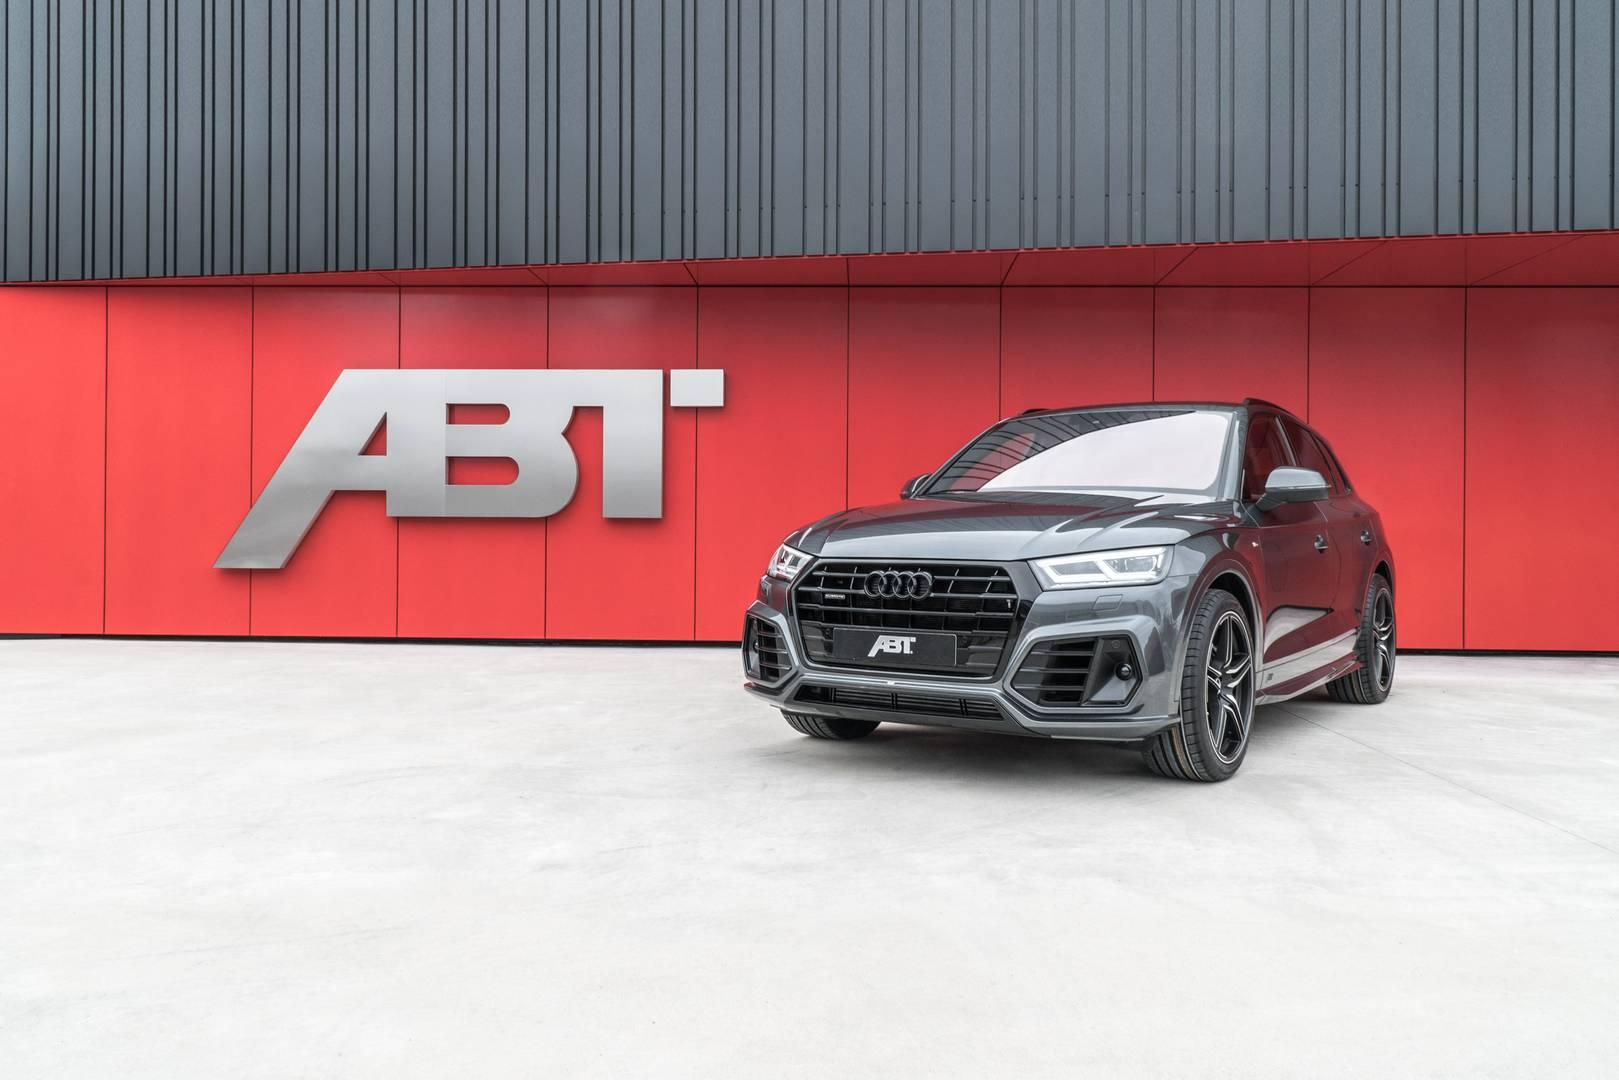 Все больше и больше клиентов выбирают внедорожники в пользу седанов. Эта тенденция не ускользнула от ABT, который недавно выпустил тюнинг-пакет для нового Audi Q5.